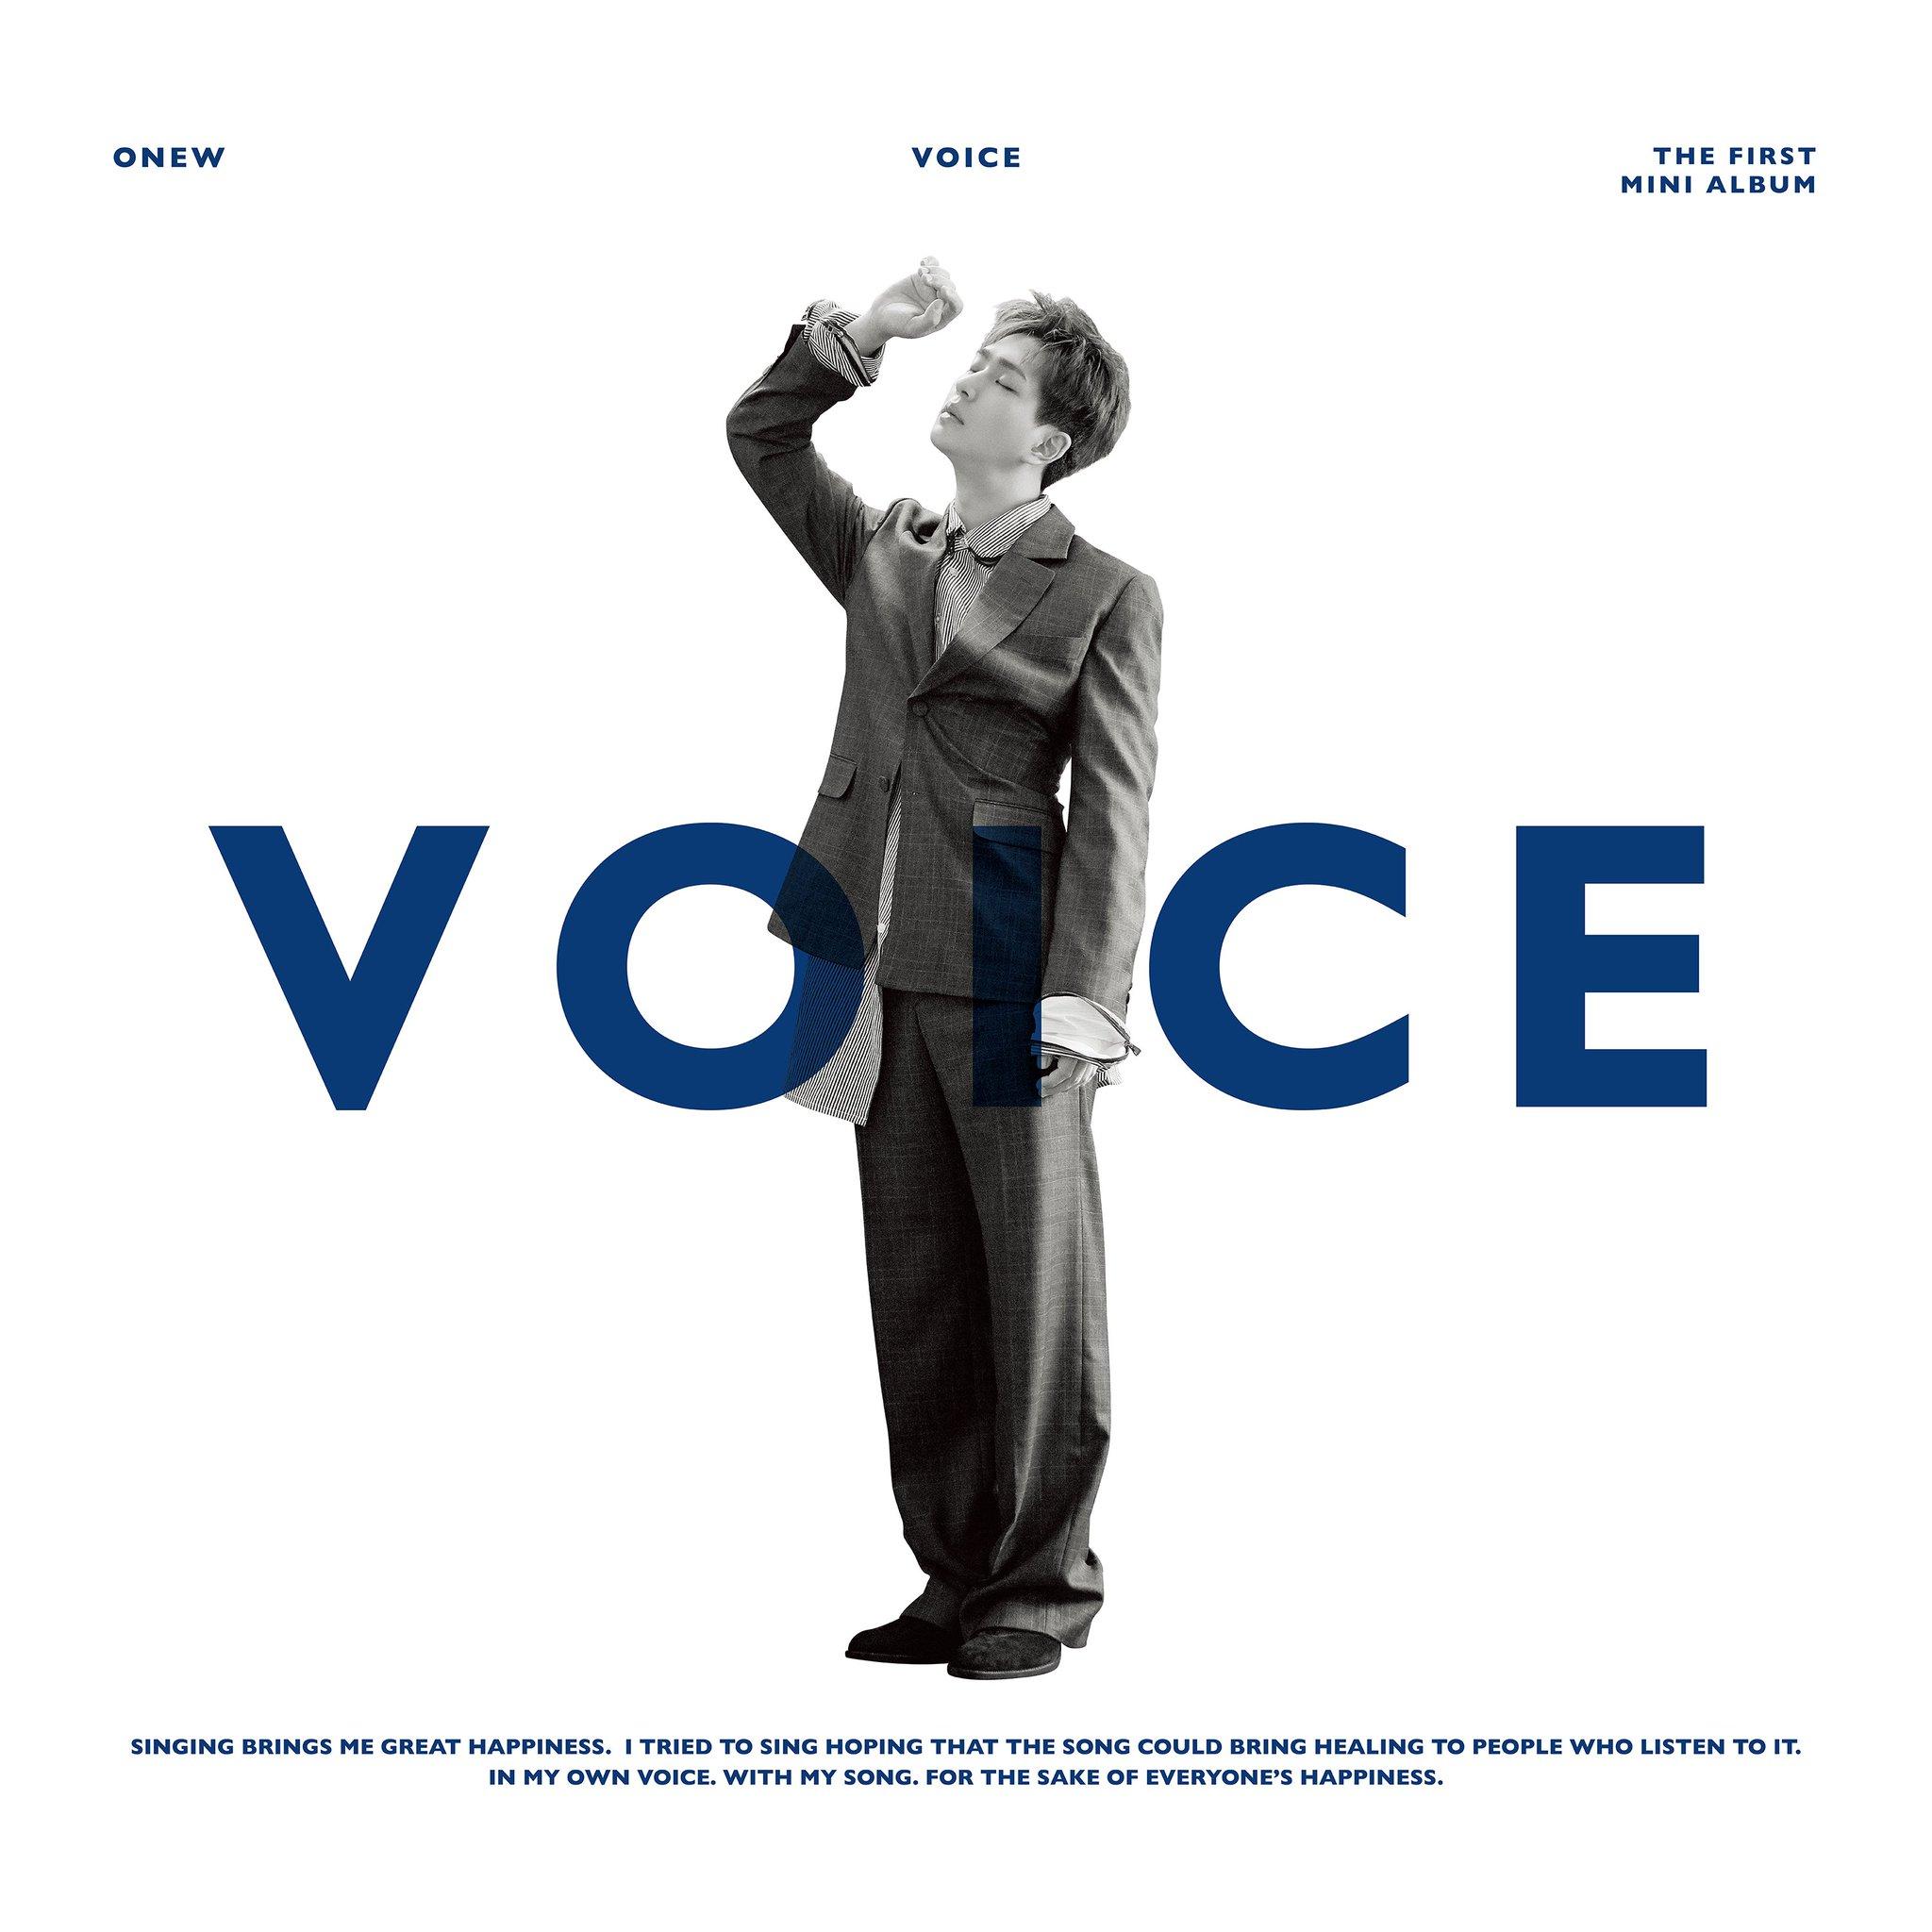 Imagini pentru onew voice album